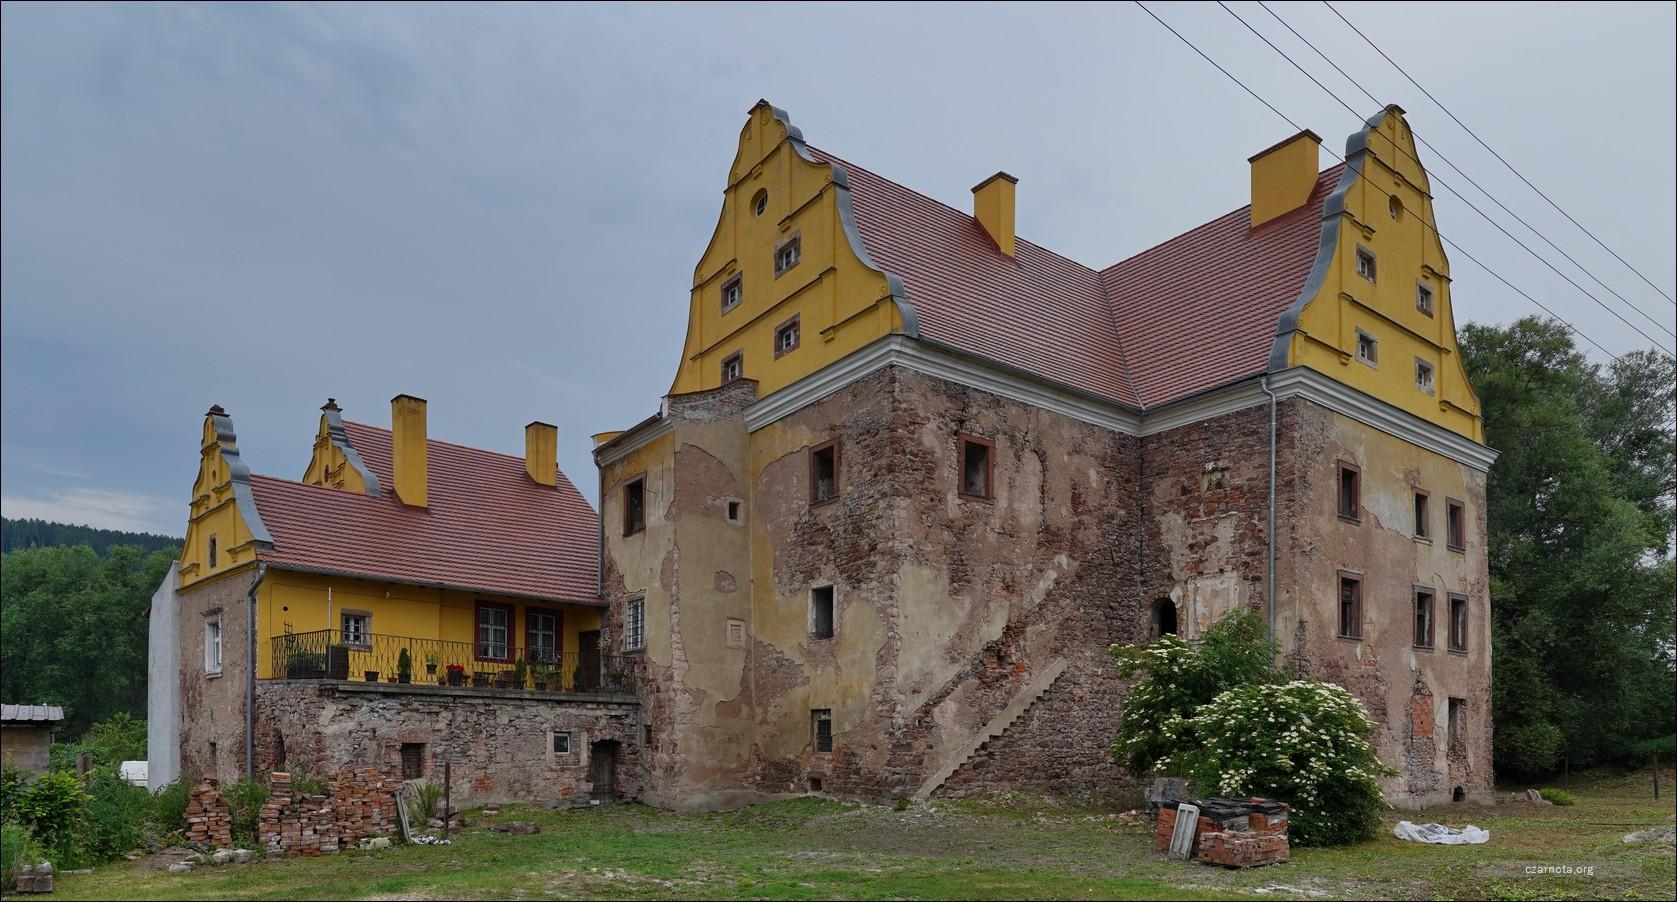 Zamek Kapitanowo w Ścinawce Średniej w 2013 i 2021